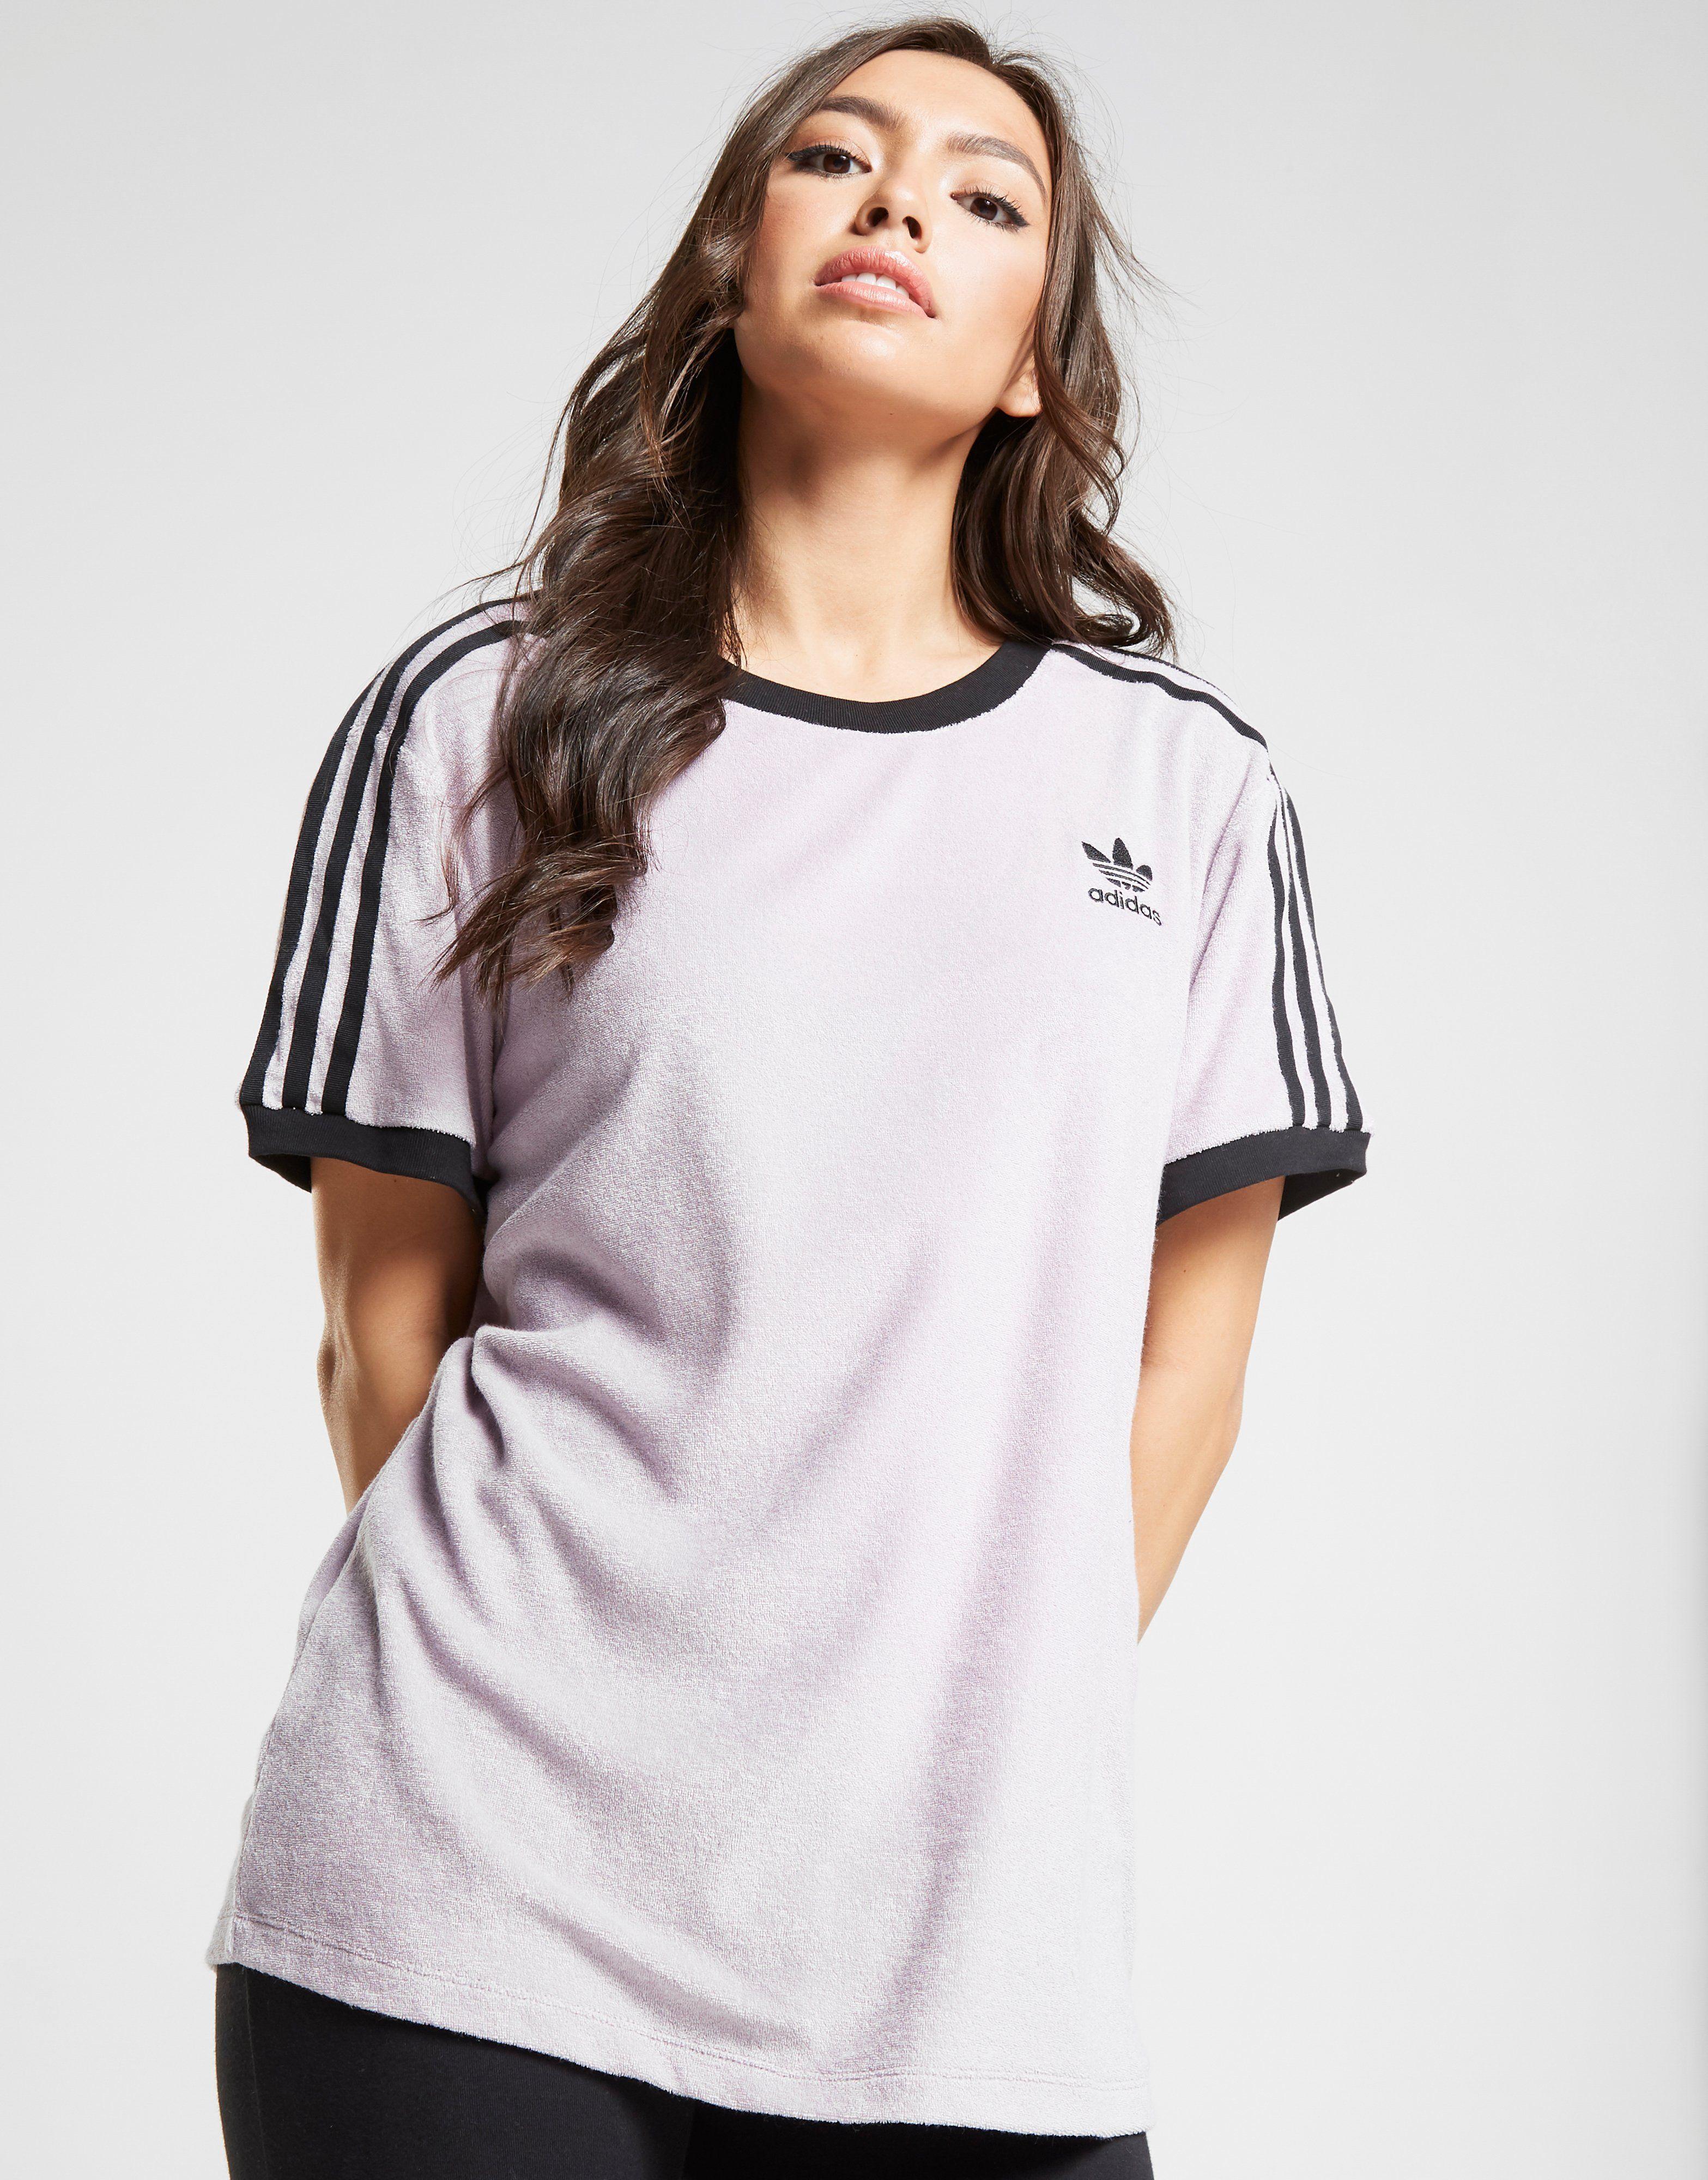 ad32bfe6e7c adidas Originals '90s 3-Stripes California Towel T-Shirt – Achète en ligne